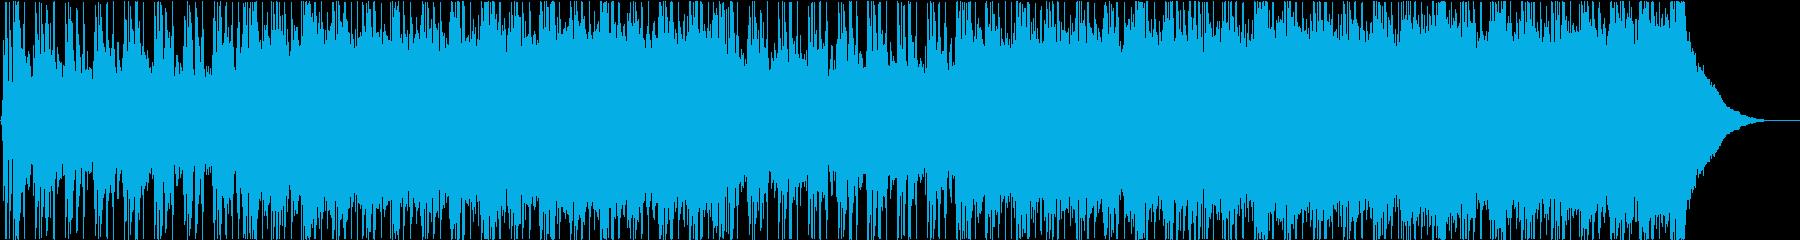 ハッピー、ロック、ポップの再生済みの波形